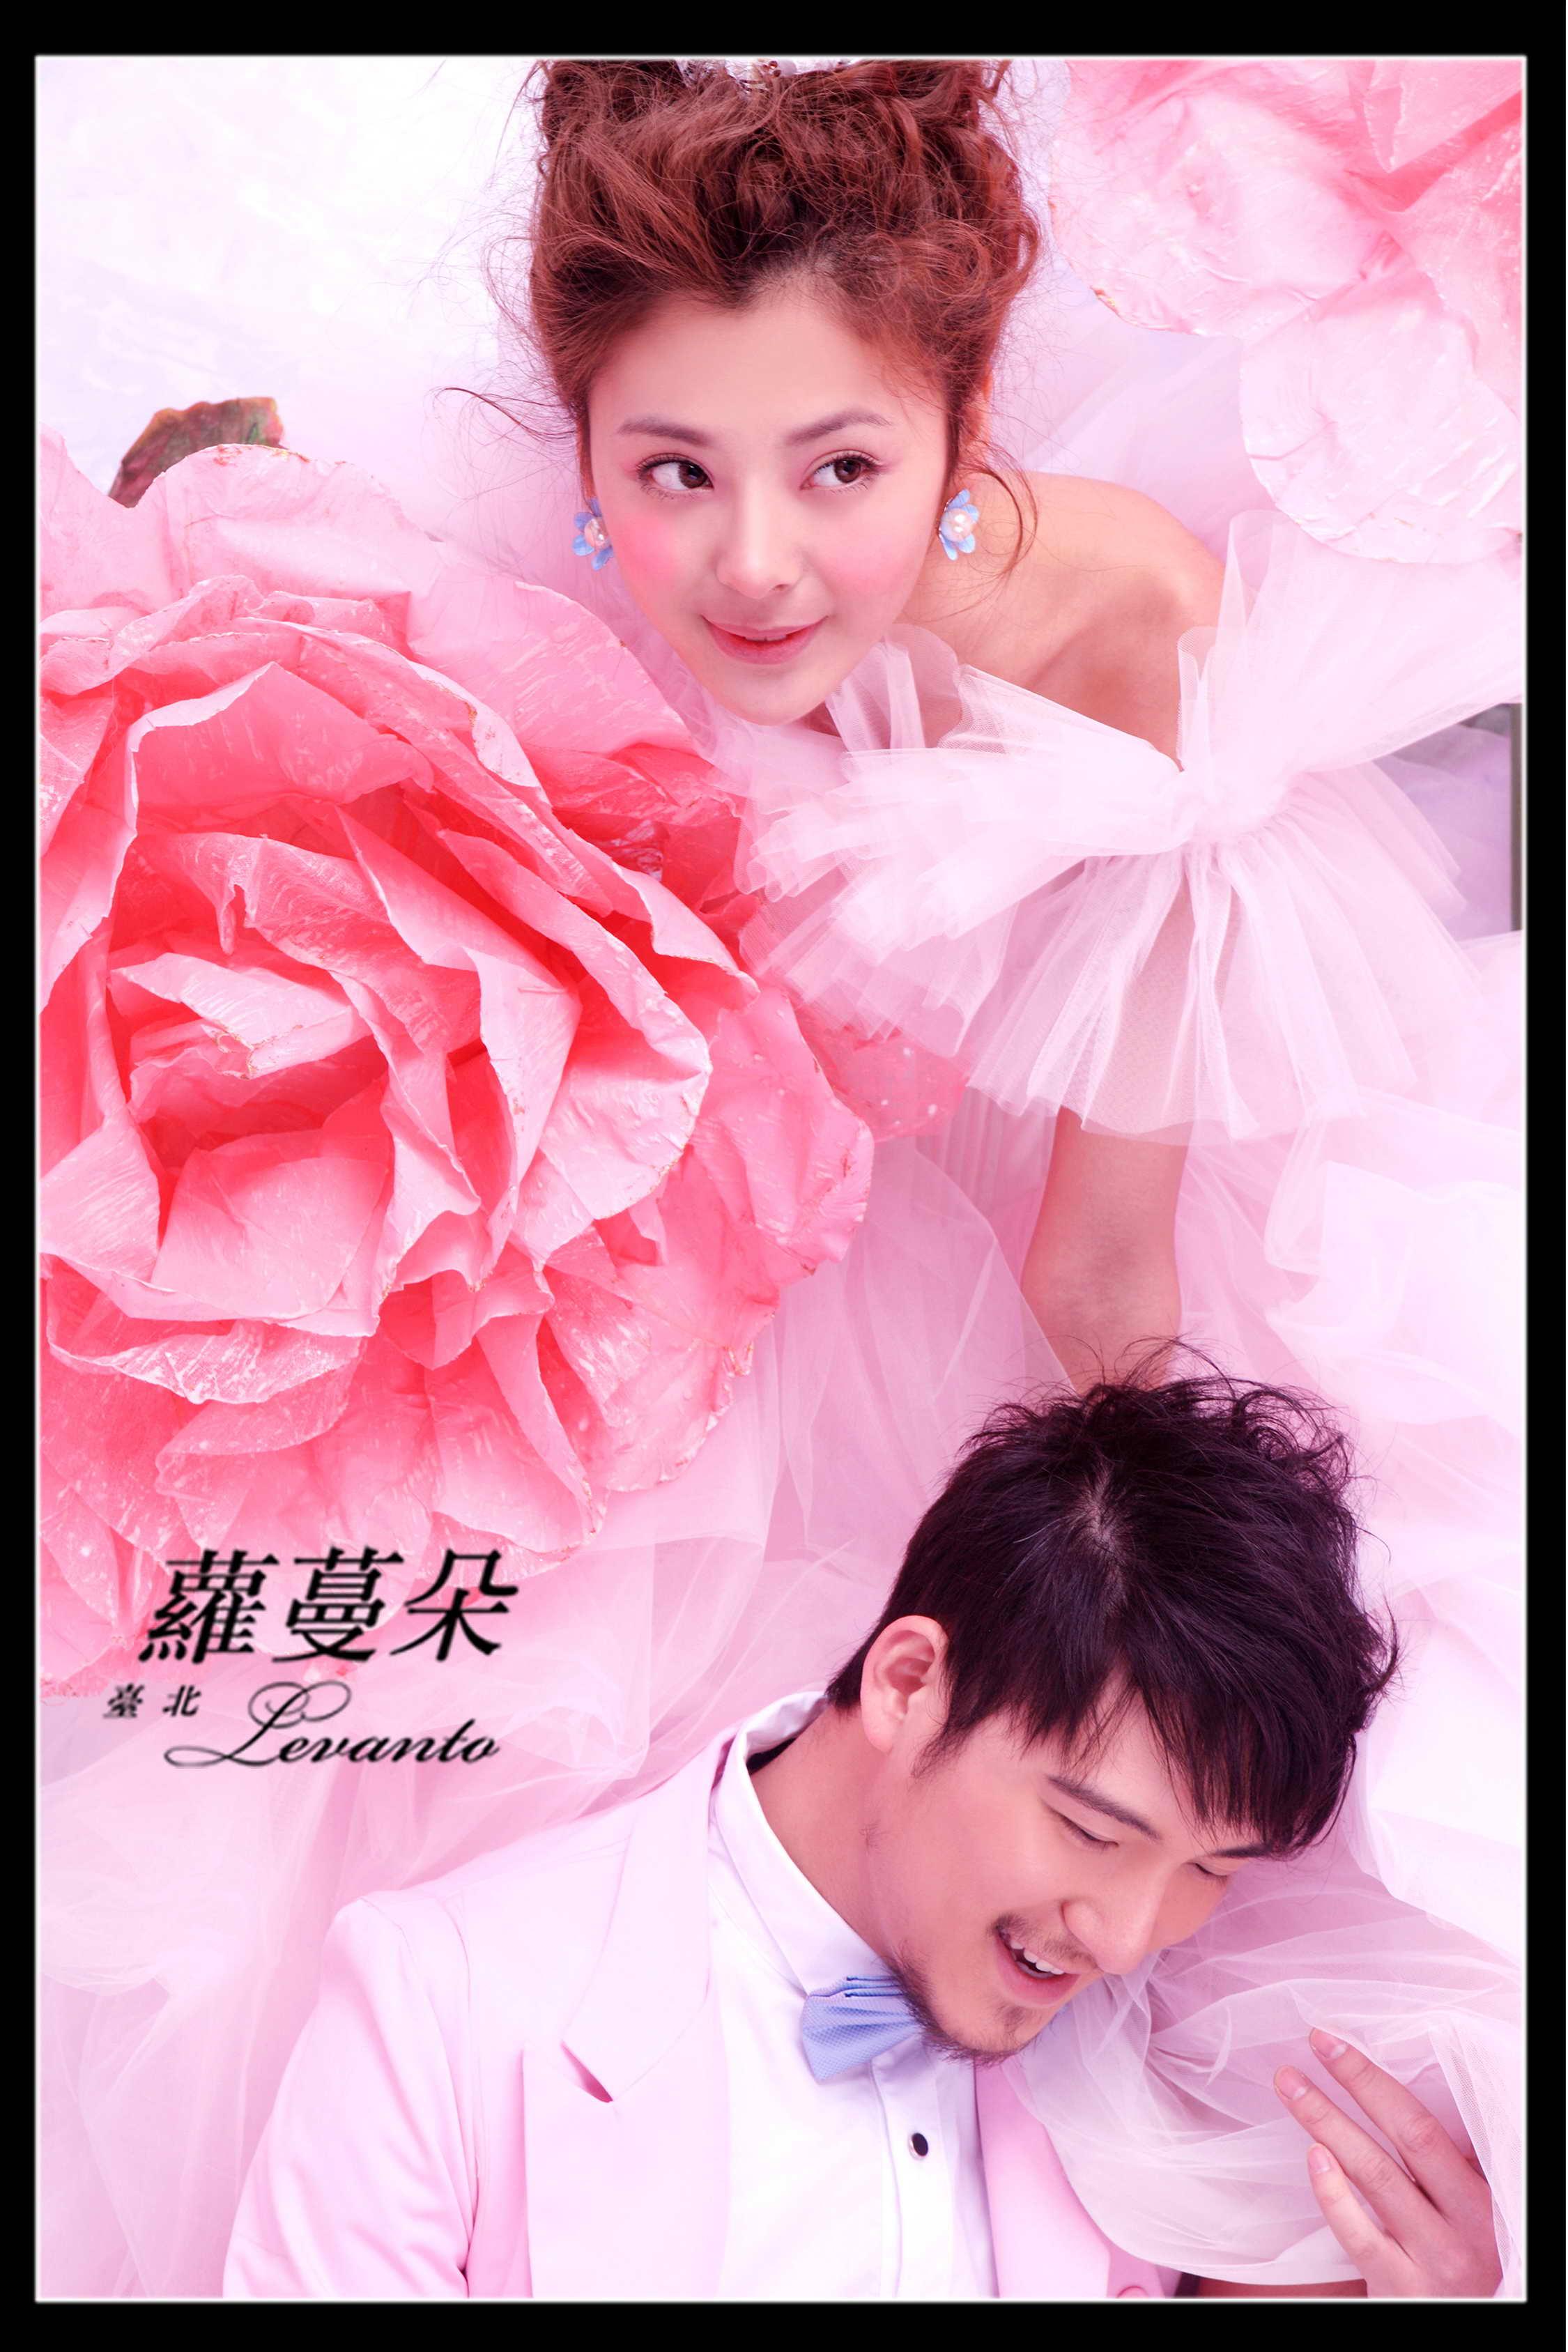 宁波婚纱摄影 高清图片